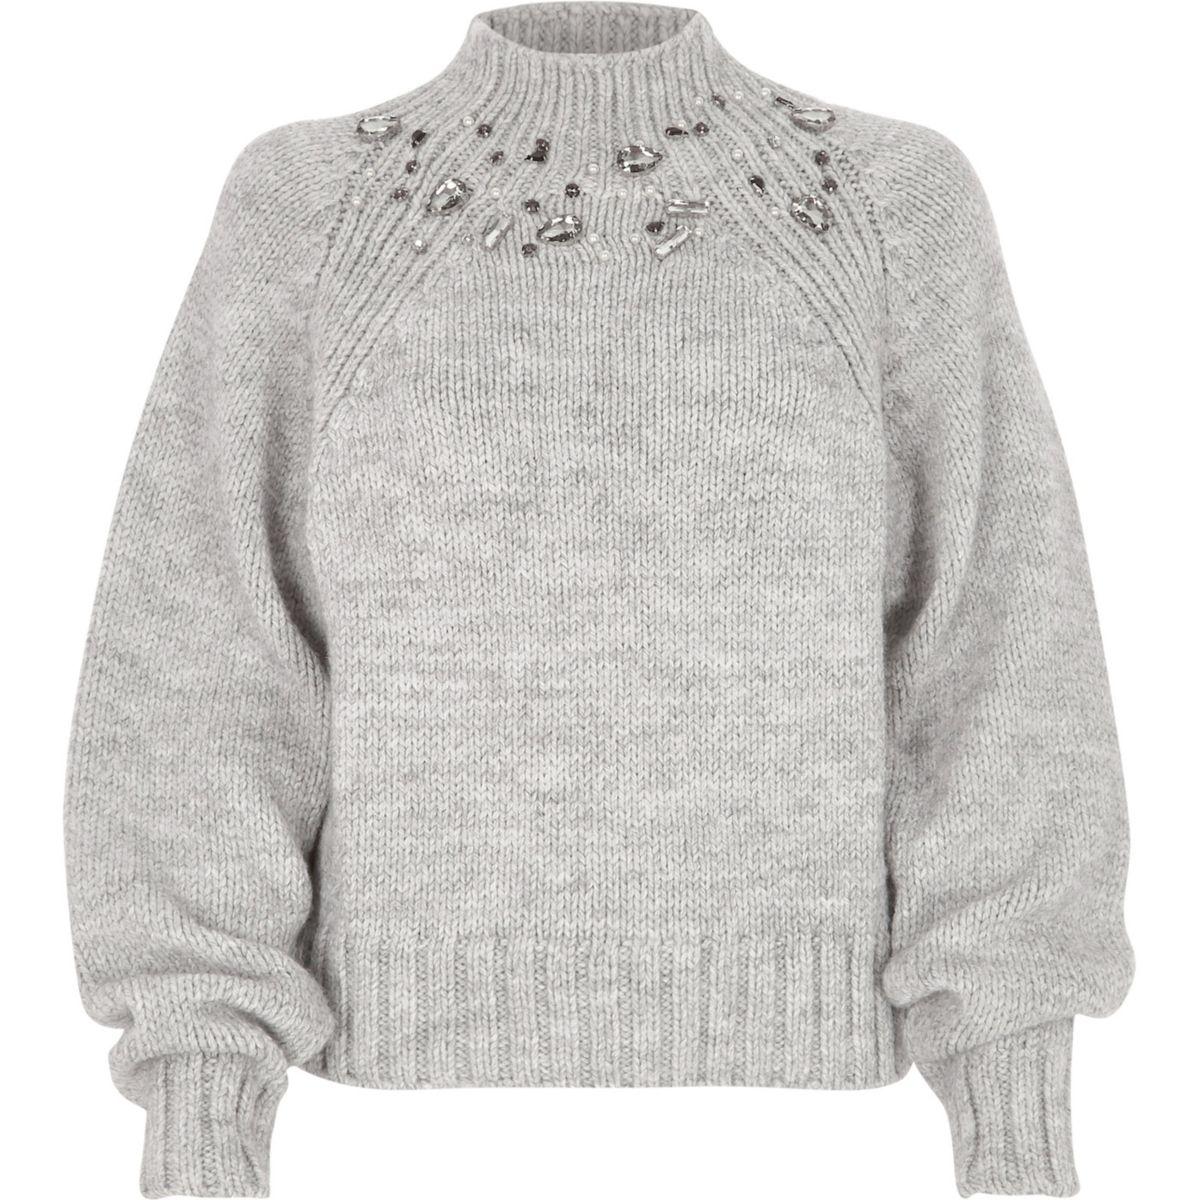 Grobstrick-Pullover mit Ziersteinchen